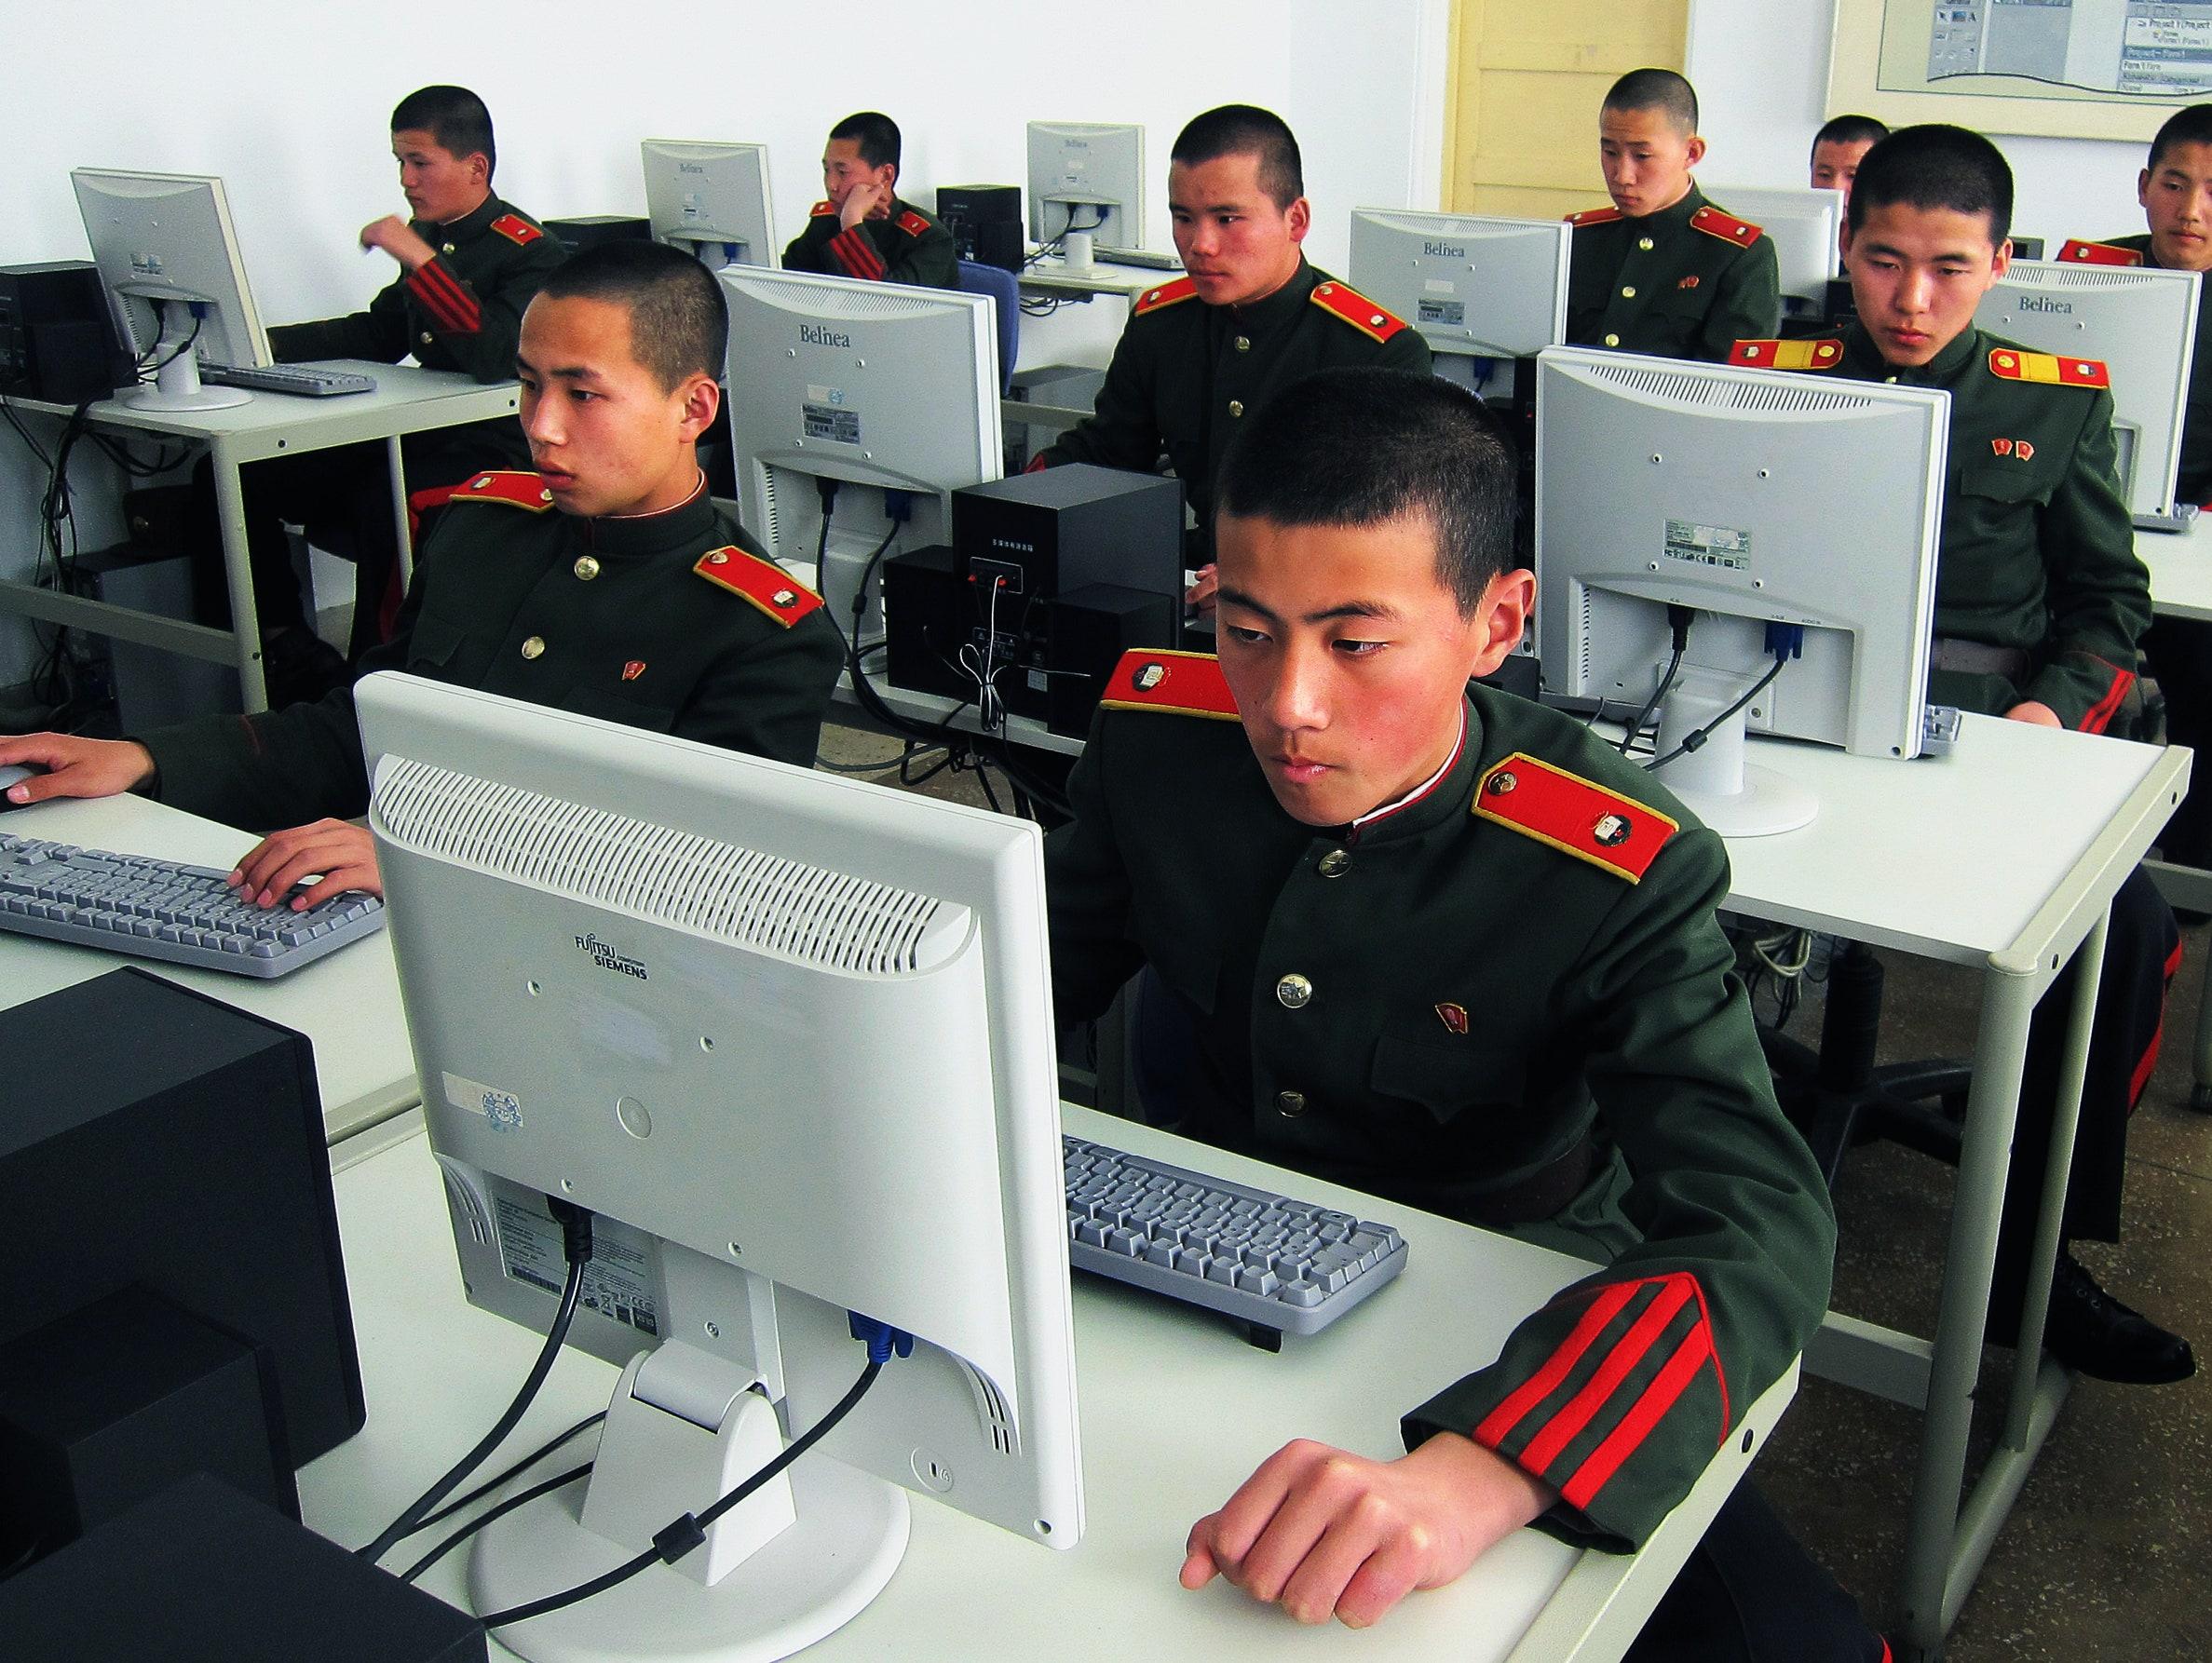 В США предъявлены обвинения трем хакерам-гражданам КНДР